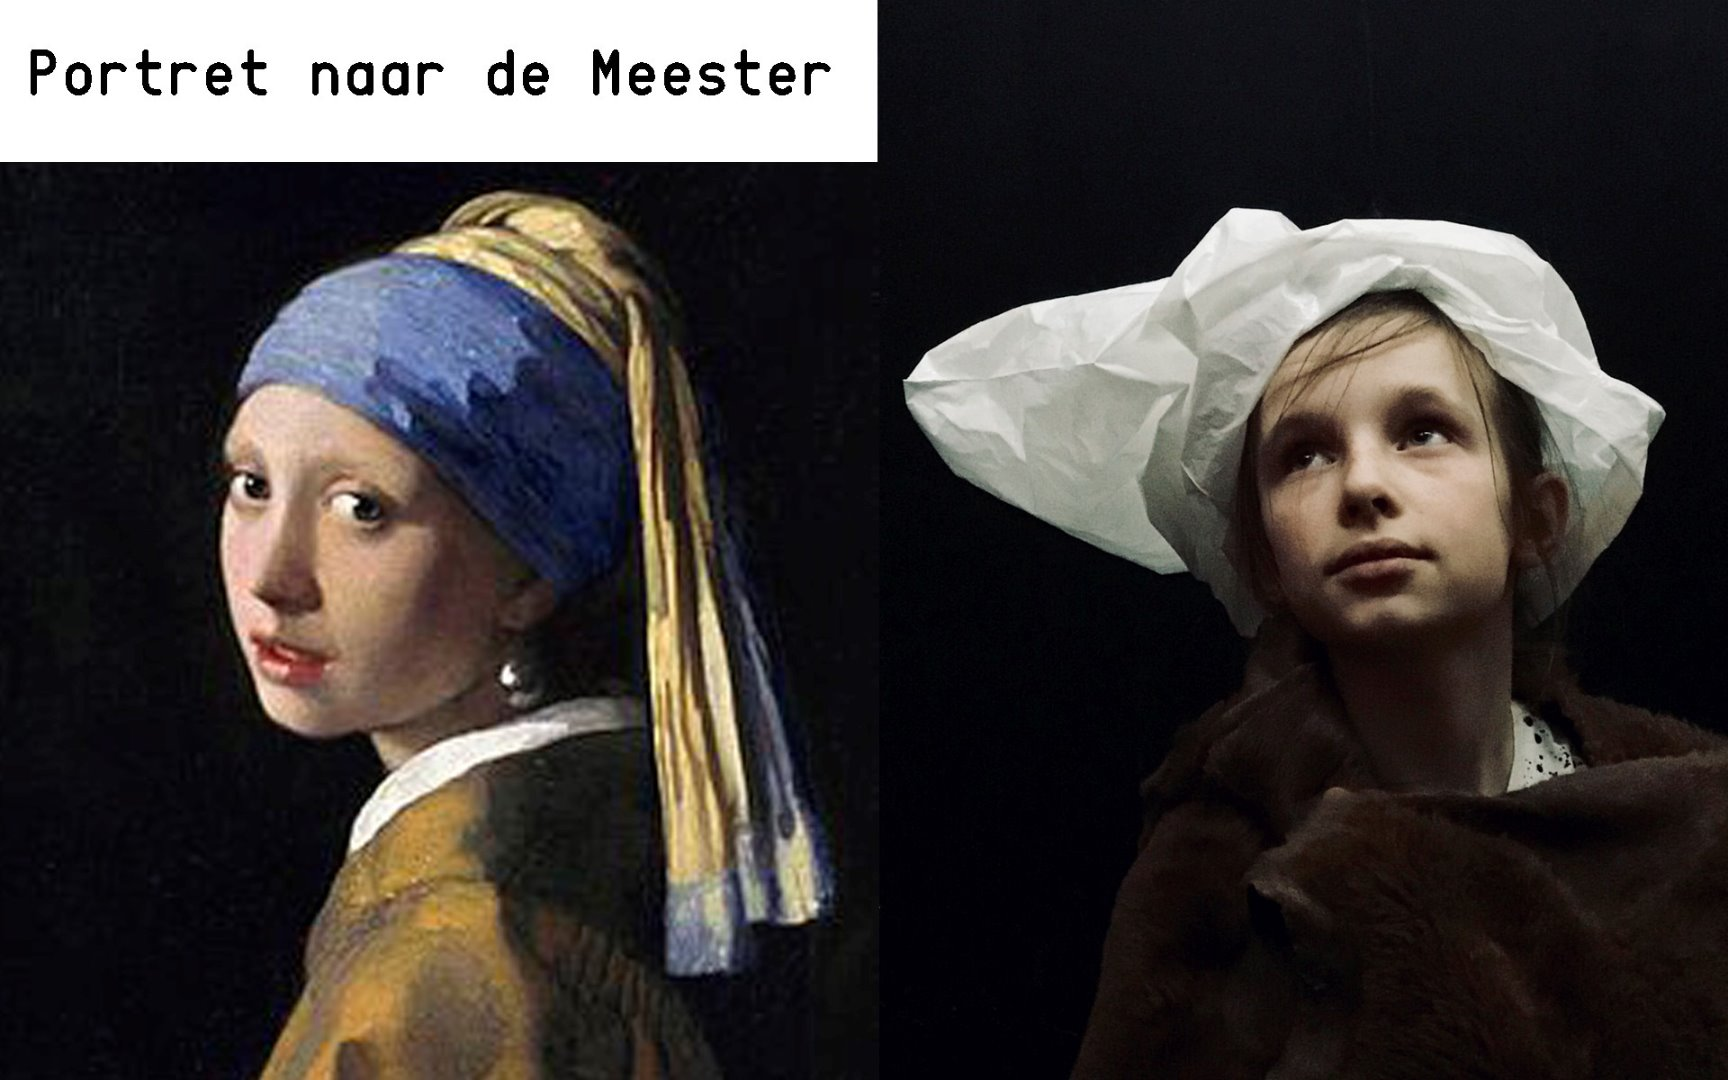 portret naar de meester